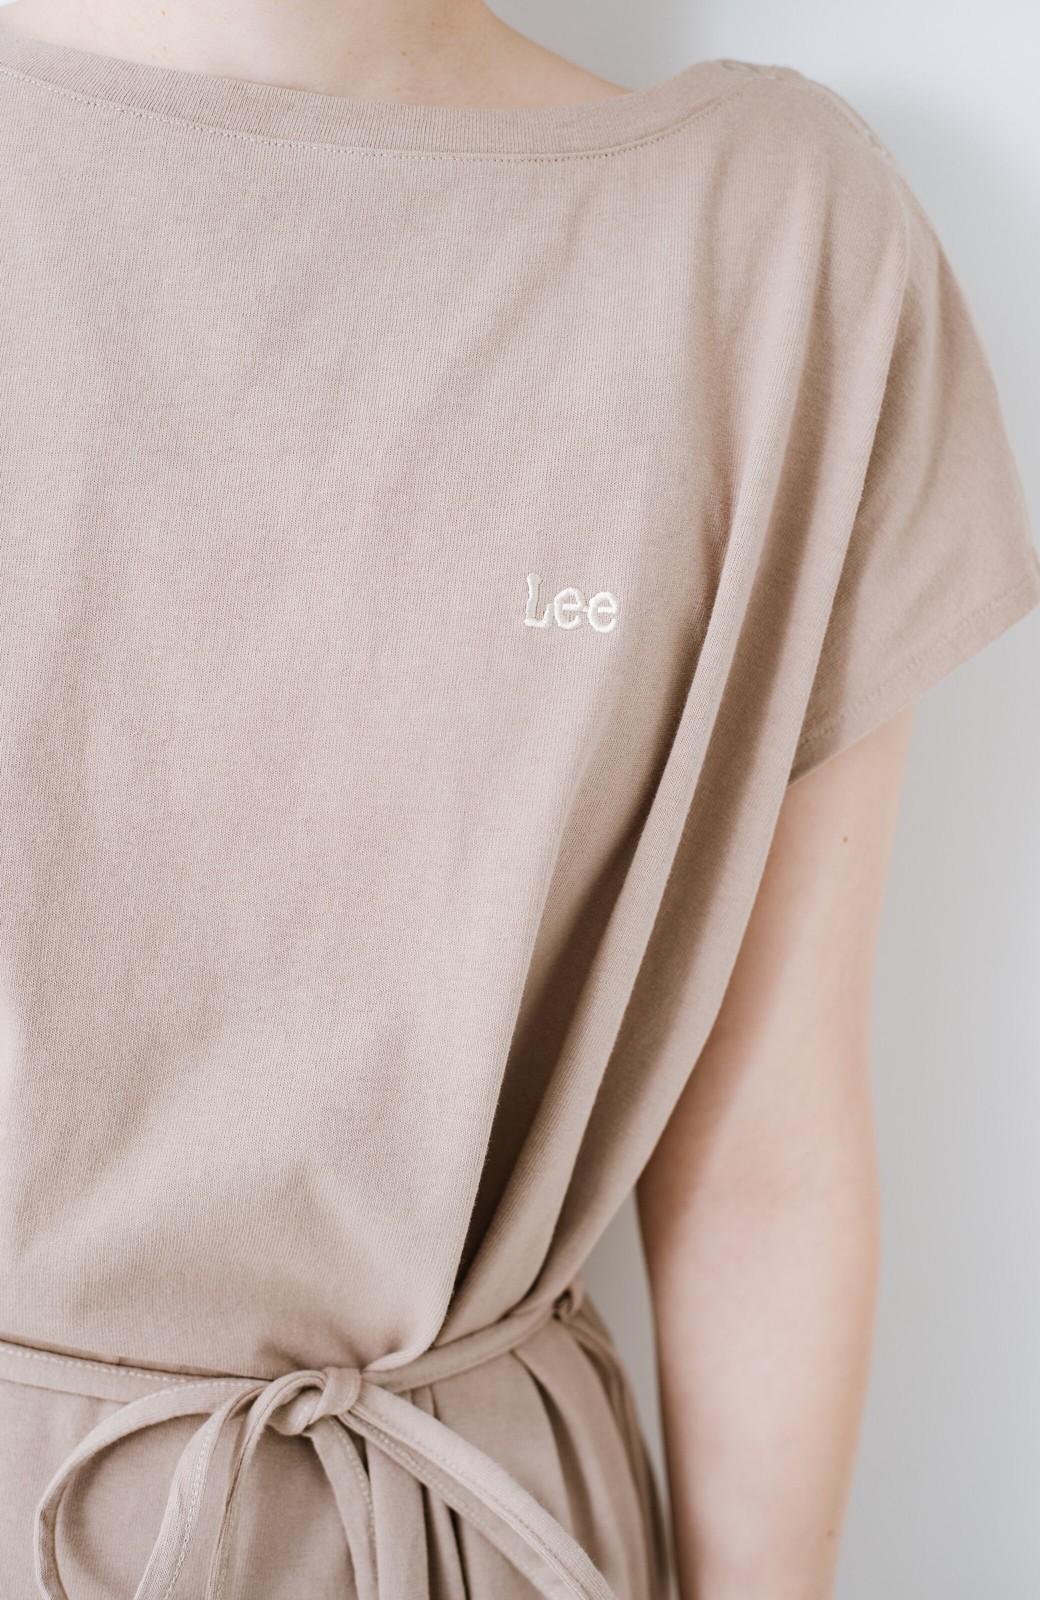 haco! 別注Lee 肩ボタンでさりげなく視線を上に向けてくれる  簡単ベンリなカットソーロングワンピース <ベージュ>の商品写真4